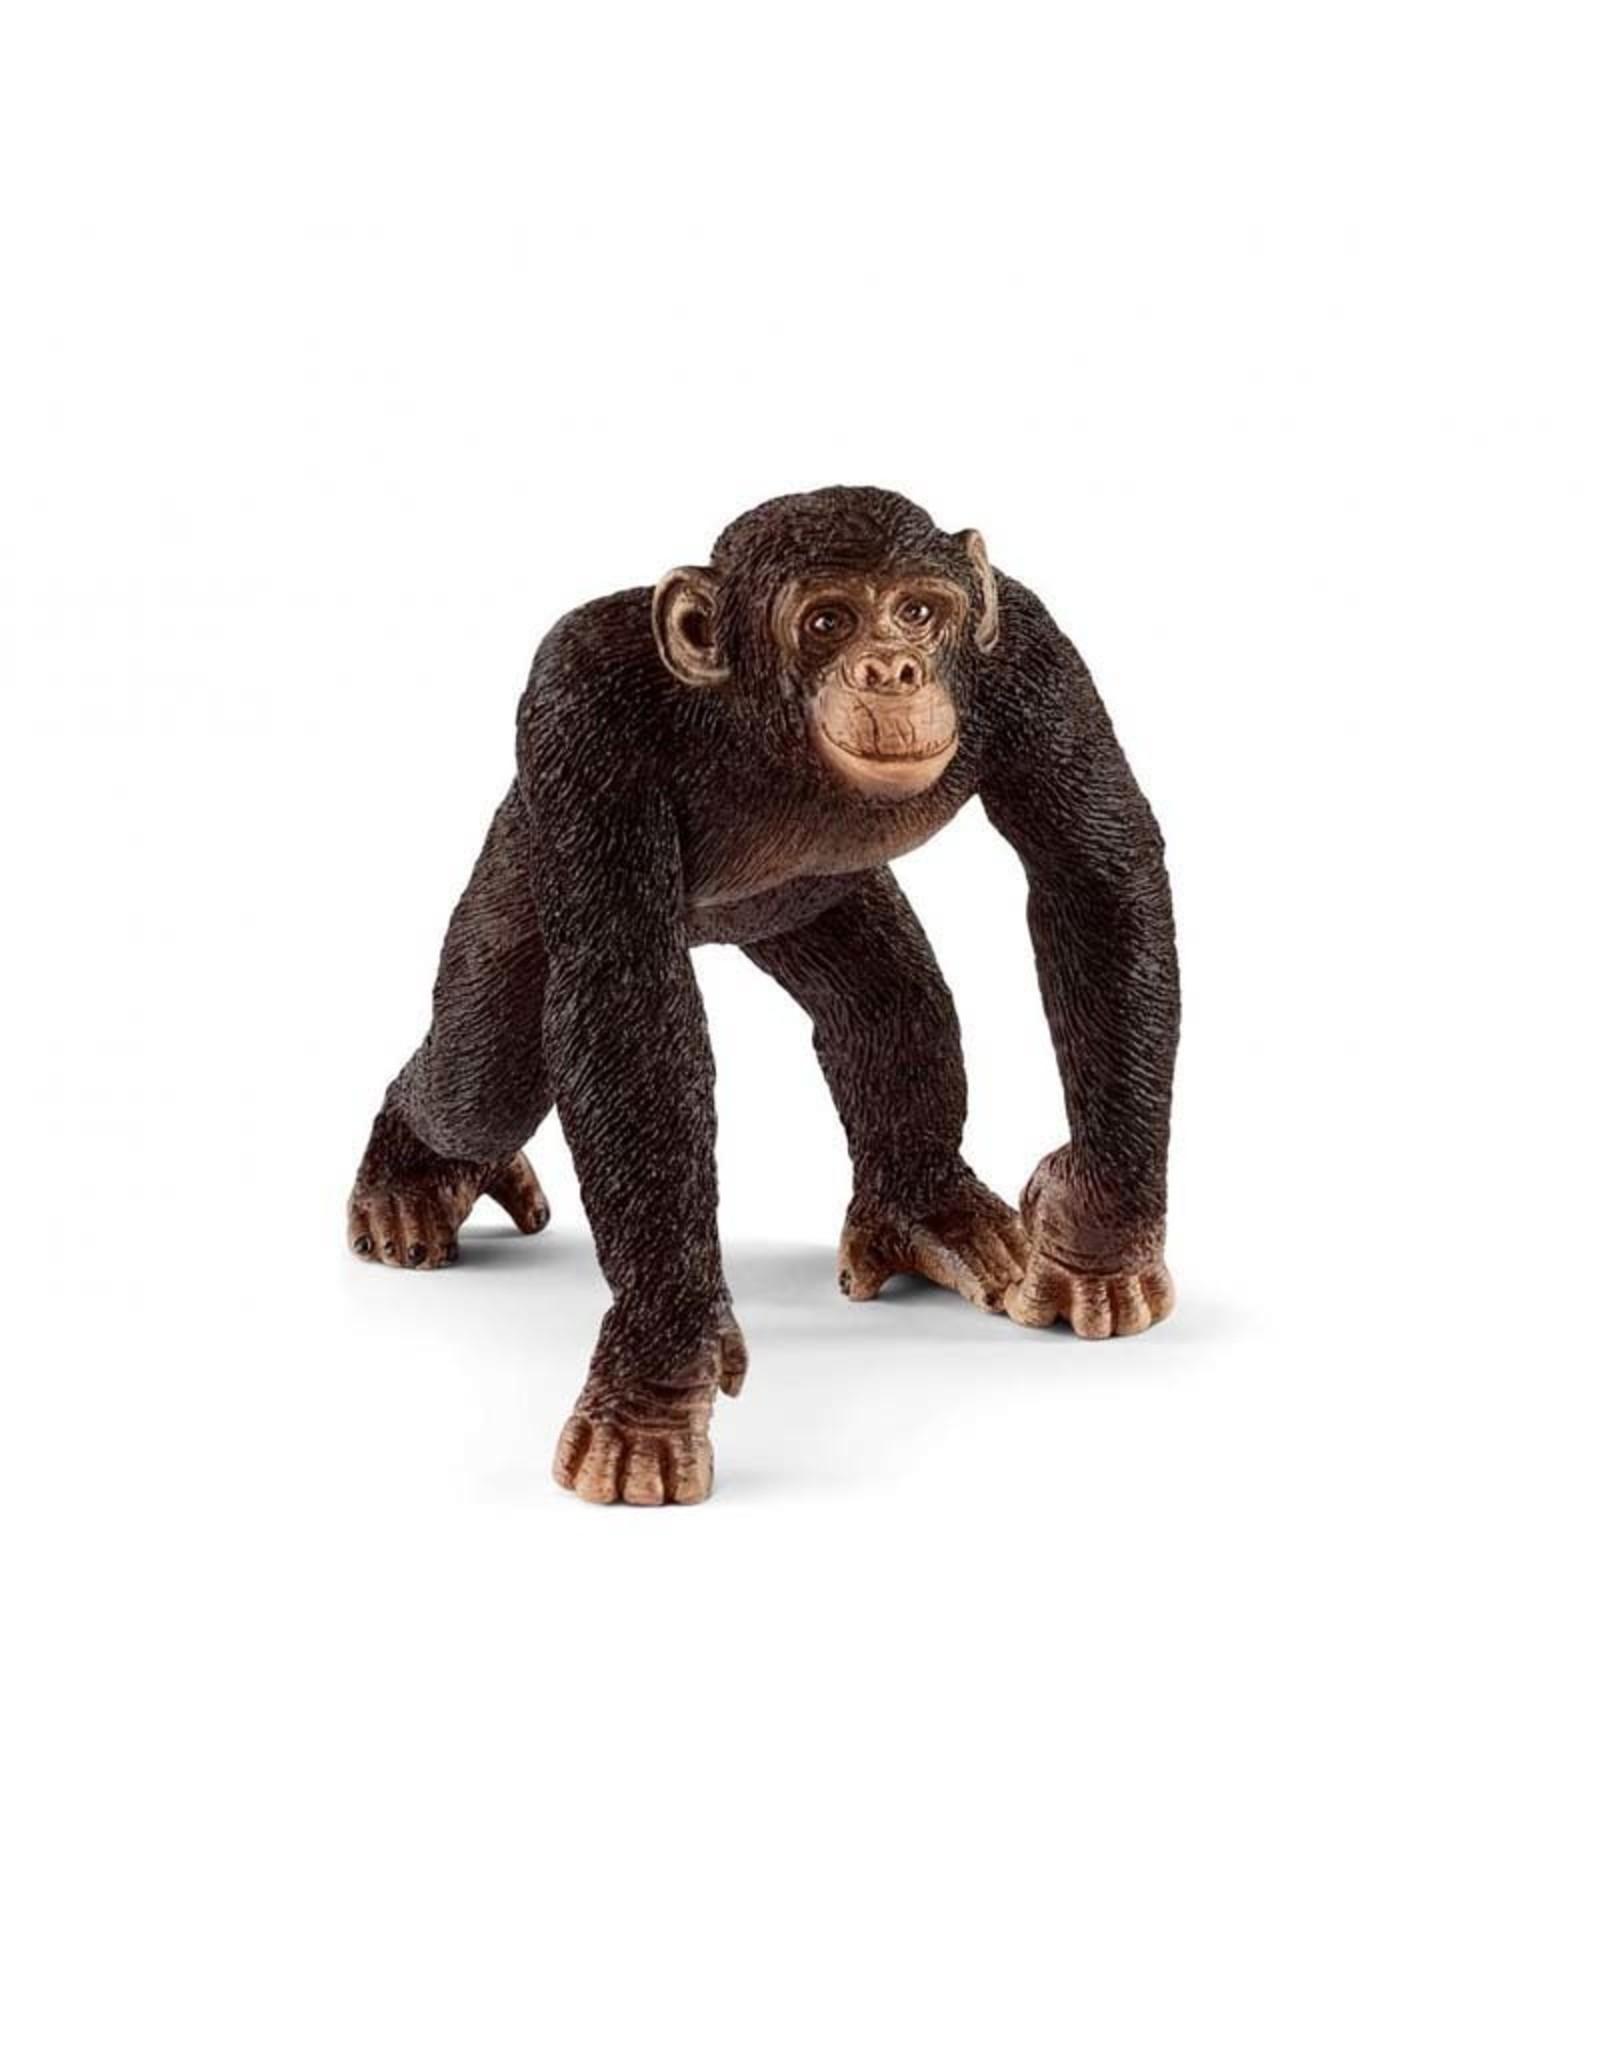 Schleich Schleich Chimpanzee, male